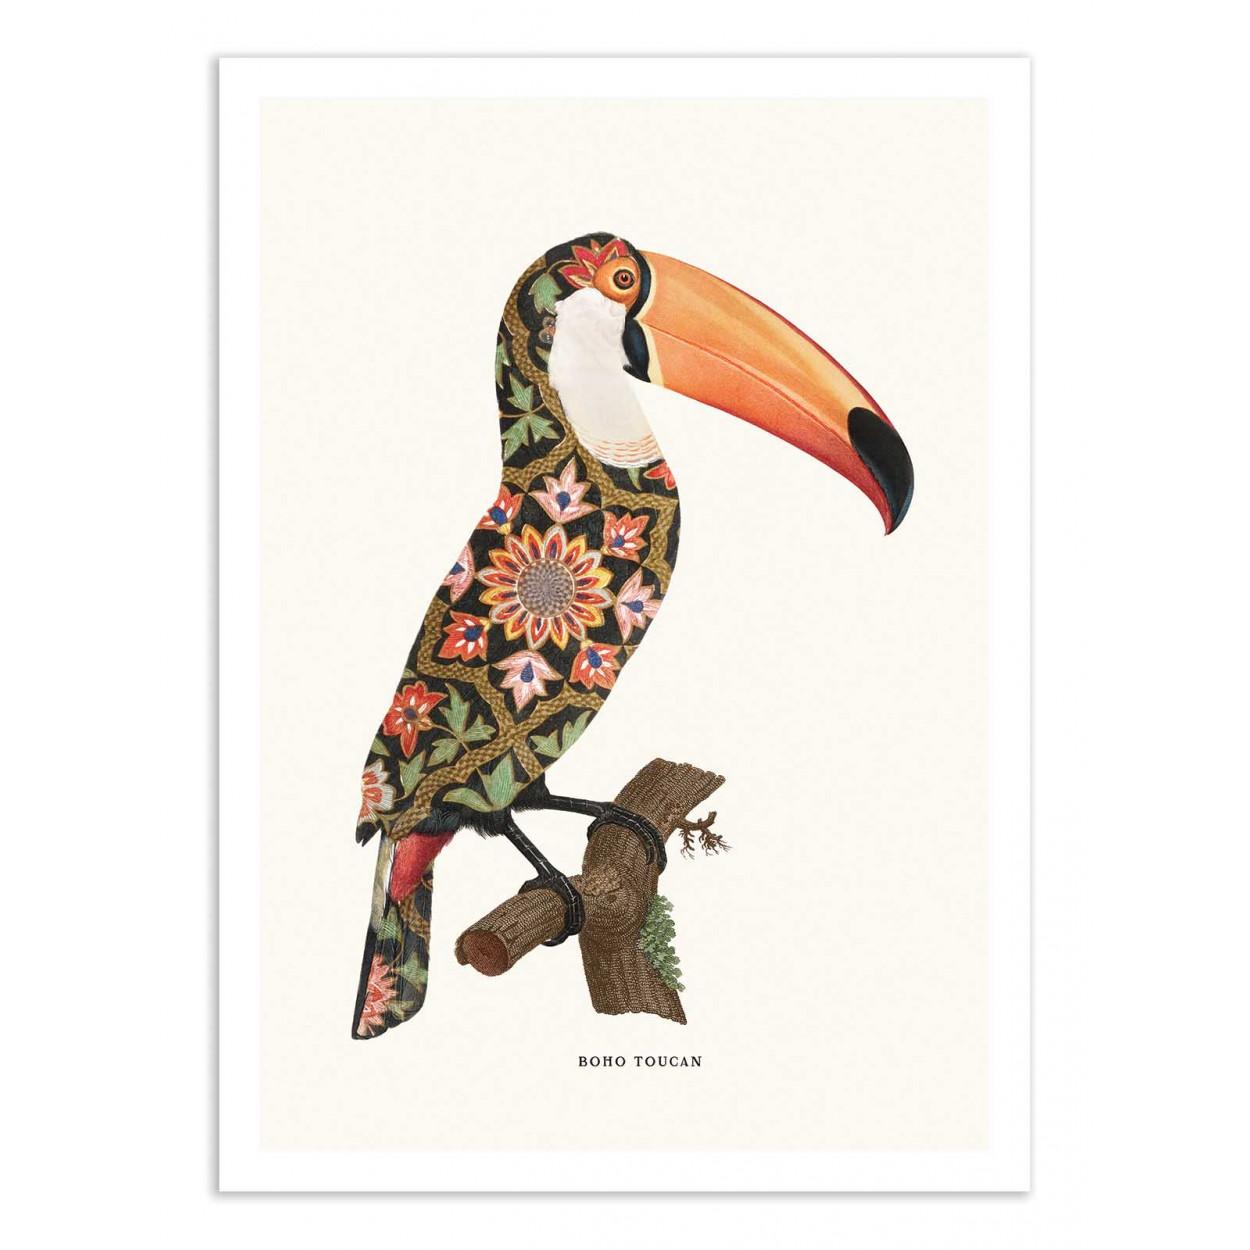 BOHO TOUCAN -  Affiche d'art 50 x 70 cm